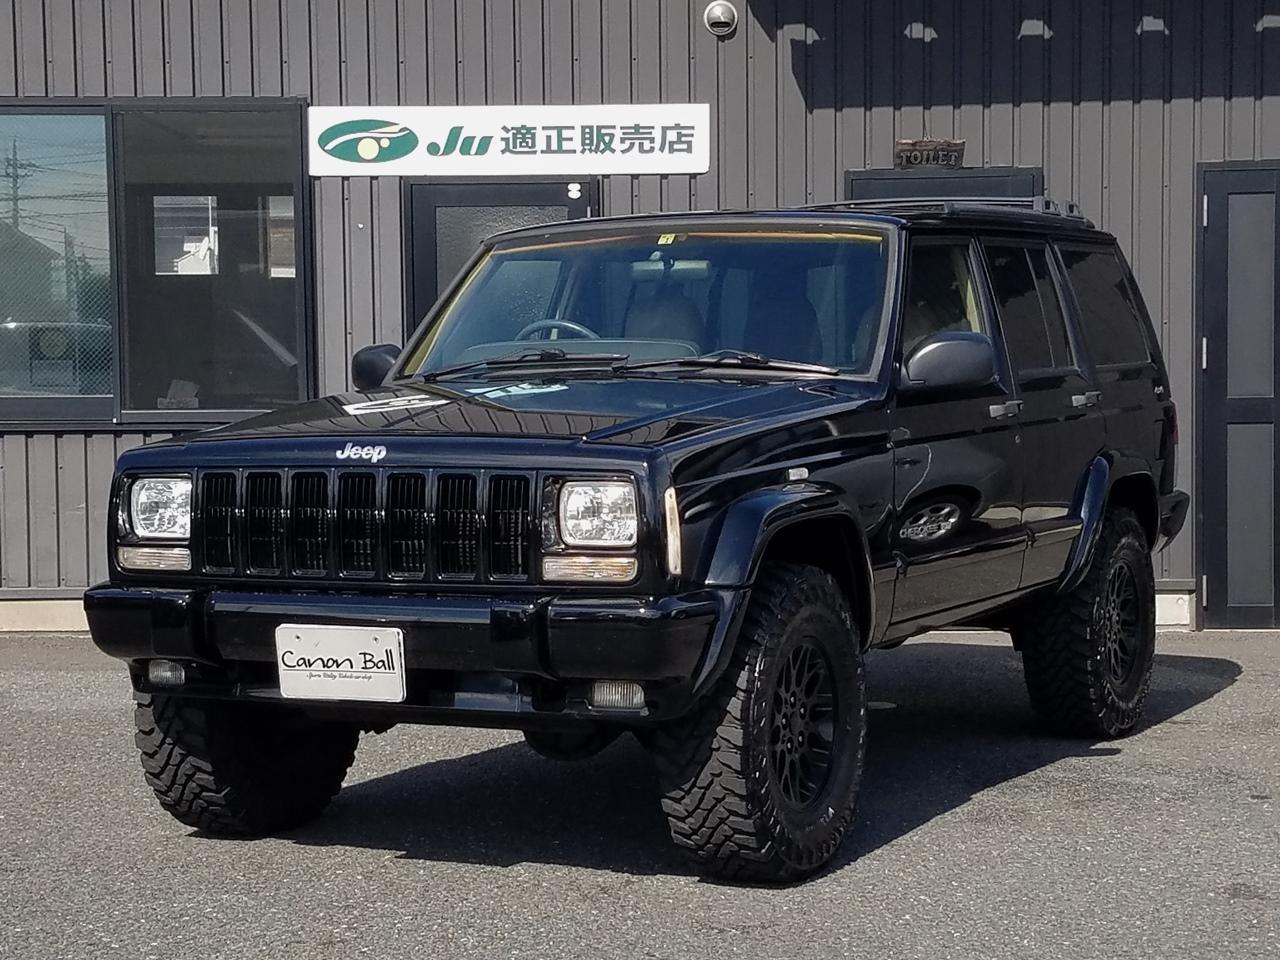 LTD ボディリフトUP&M/Tタイヤ Newブラックボディ ベージュ本革シート&ウッドインテリア 【2000年登録車】のイメージ画像です